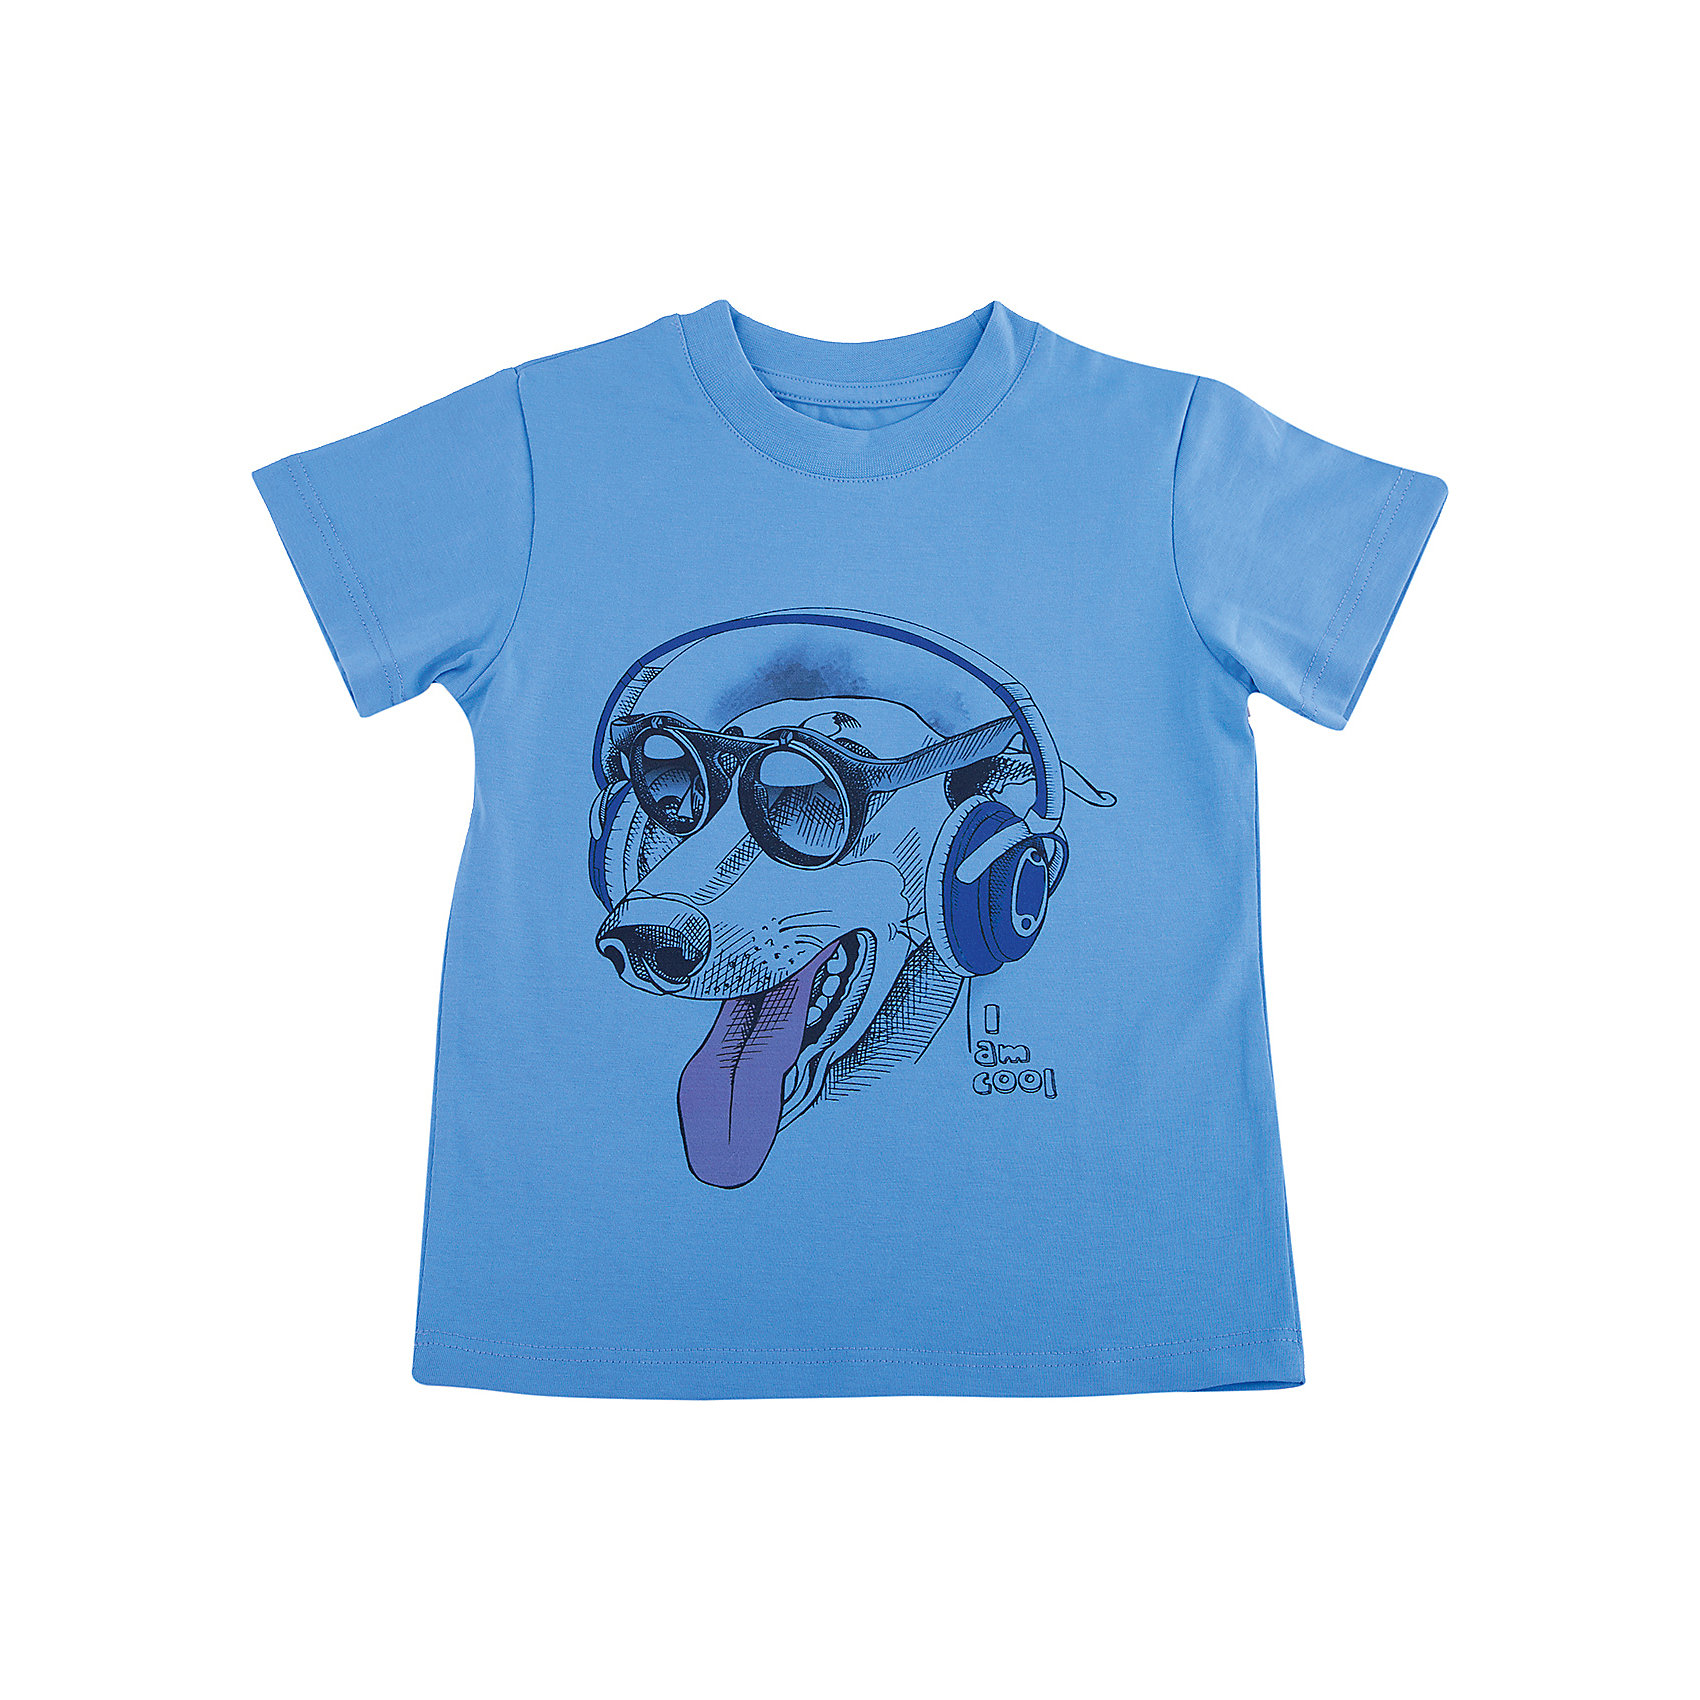 Футболка для мальчика WOWФутболки, поло и топы<br>Футболка для мальчика WOW<br>Незаменимой вещью в  гардеробе послужит футболка с коротким рукавом. Стильная и в тоже время комфортная модель, с яркой оригинальной печатью, будет превосходно смотреться на ребенке.<br>Состав:<br>кулирная гладь 100% хлопок<br><br>Ширина мм: 199<br>Глубина мм: 10<br>Высота мм: 161<br>Вес г: 151<br>Цвет: голубой<br>Возраст от месяцев: 72<br>Возраст до месяцев: 84<br>Пол: Мужской<br>Возраст: Детский<br>Размер: 122,98,104,110,116<br>SKU: 6871686